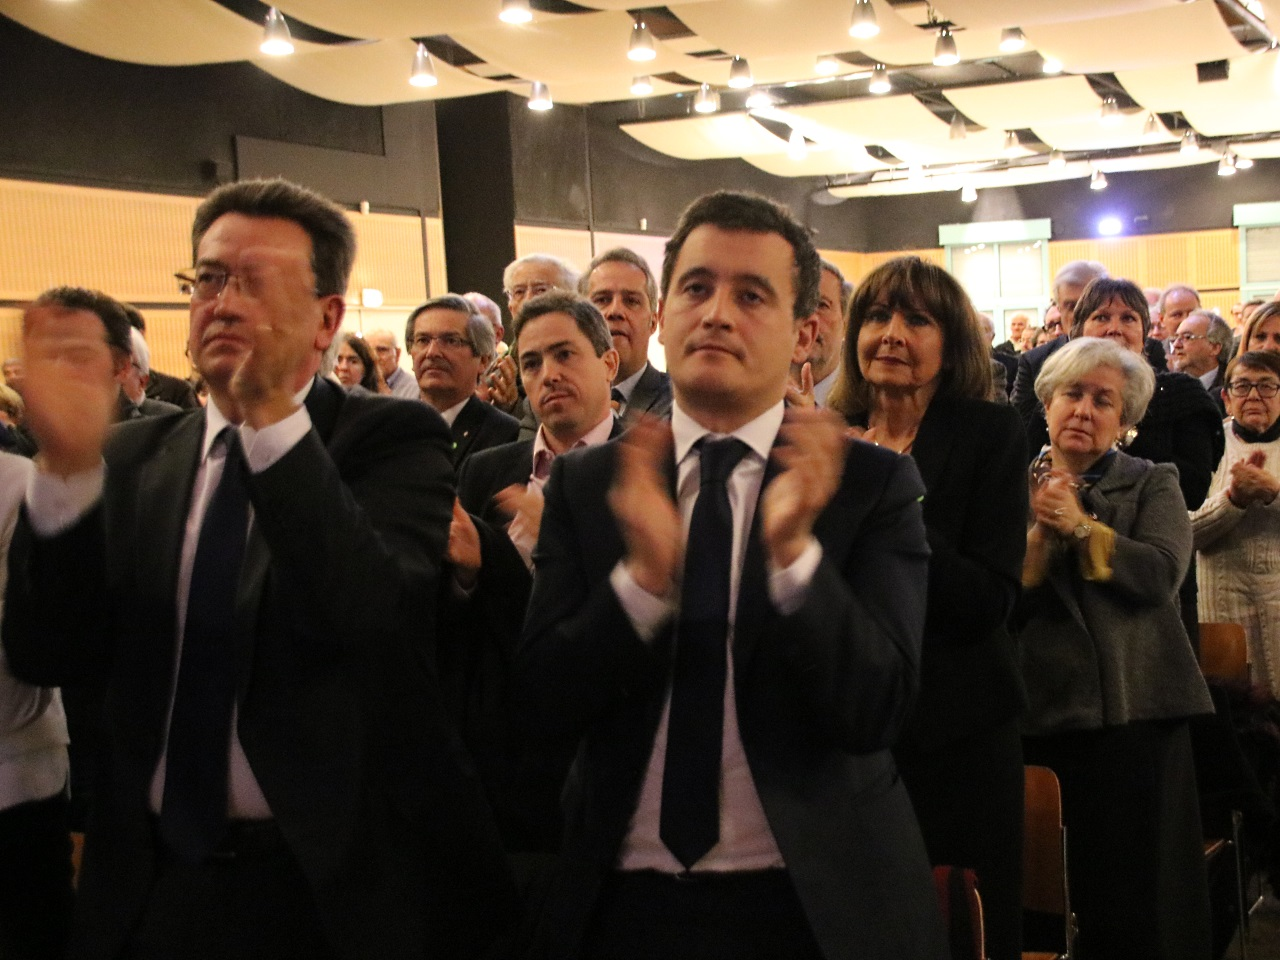 Philippe Cochet, Gérald Darmanin et la salle ont salué la mémoire d'Henry Chabert - LyonMag